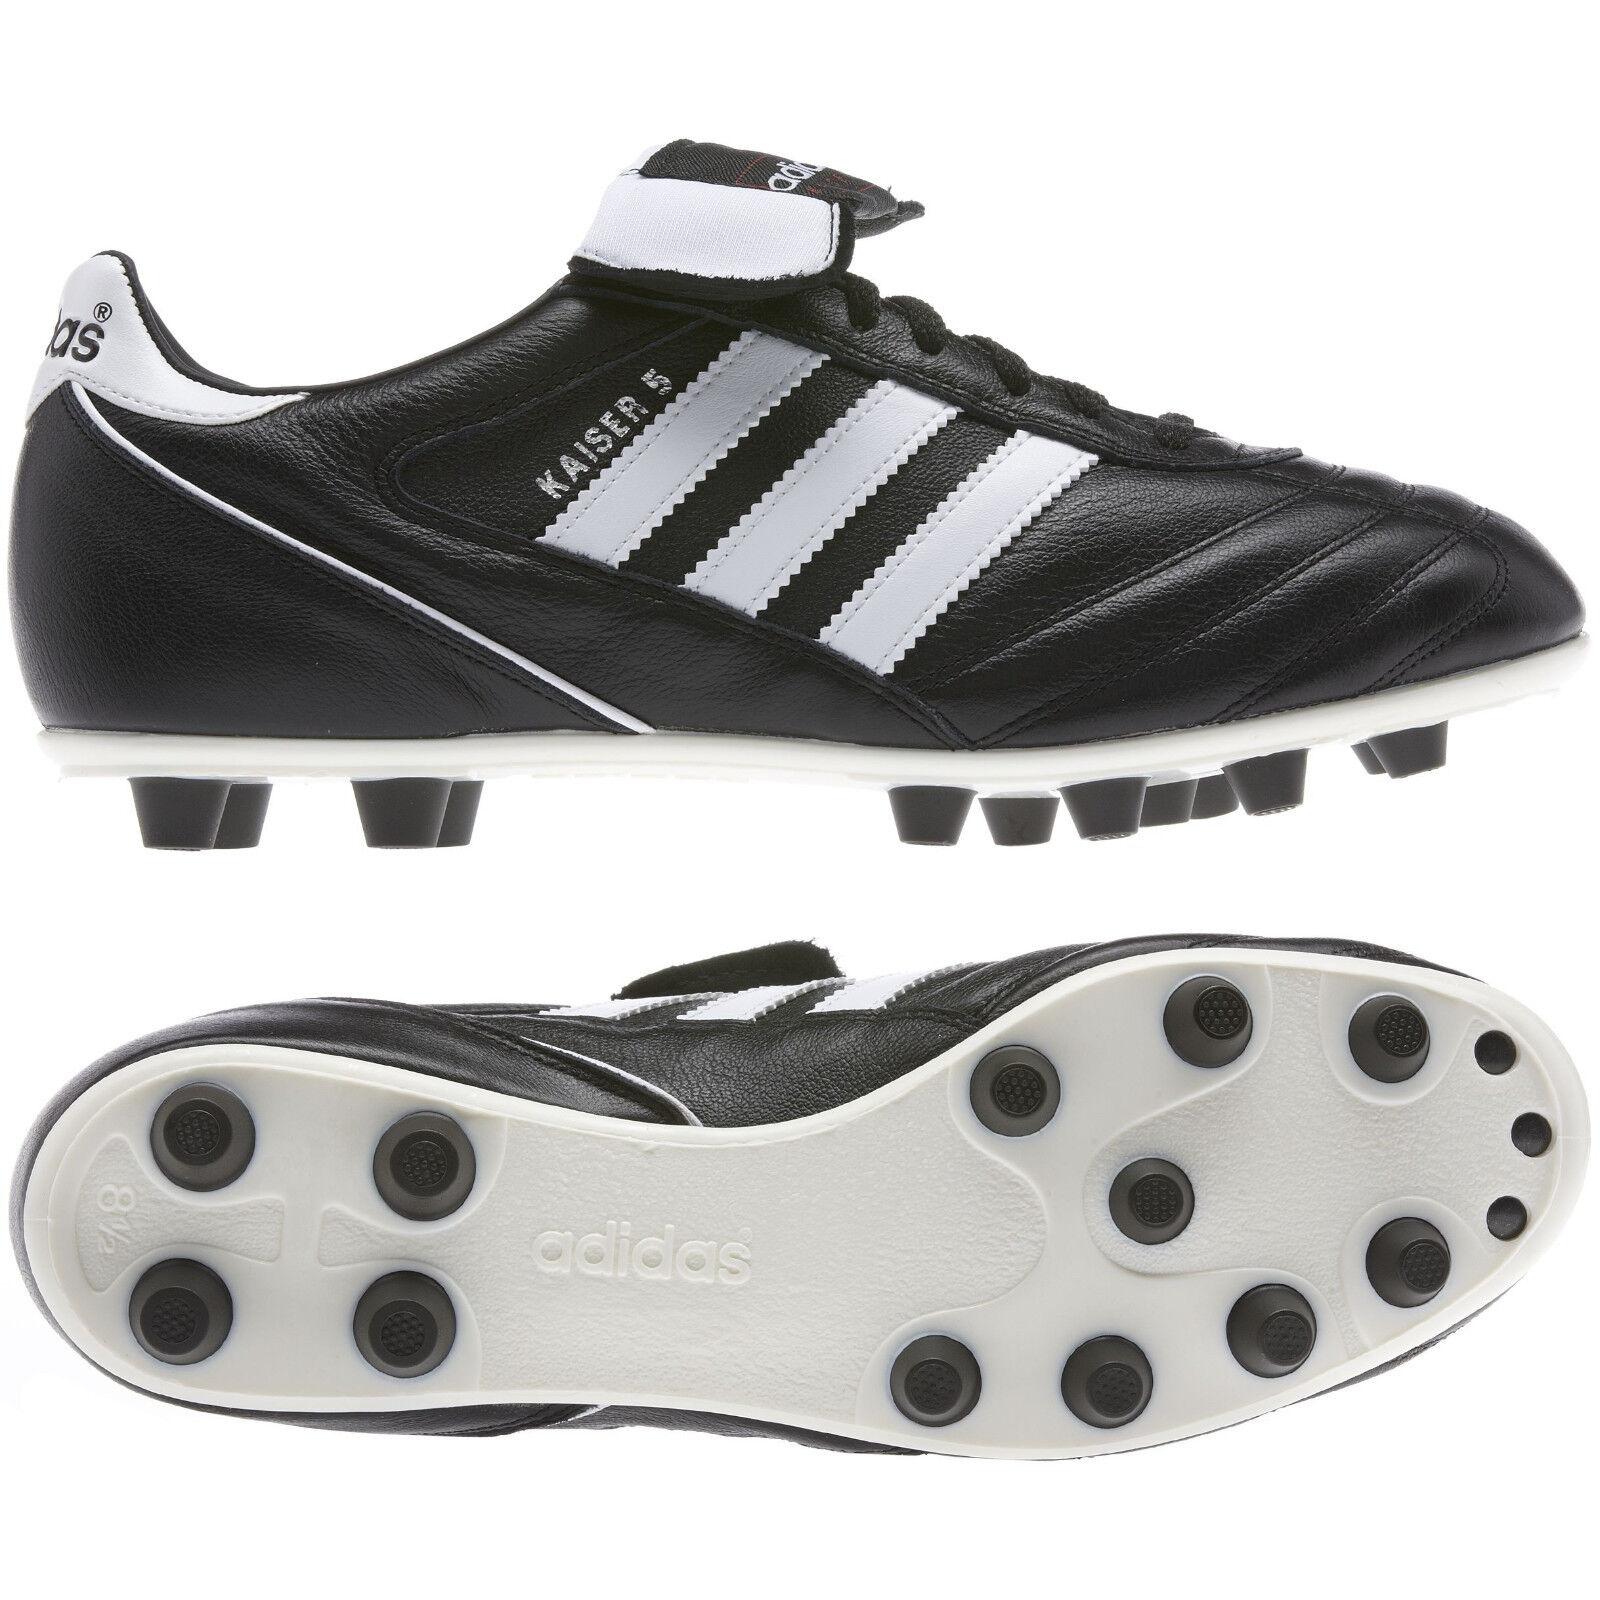 Sautope da calcio uomo Adidas Kaiser 5 Liga 033201 nero-bianco